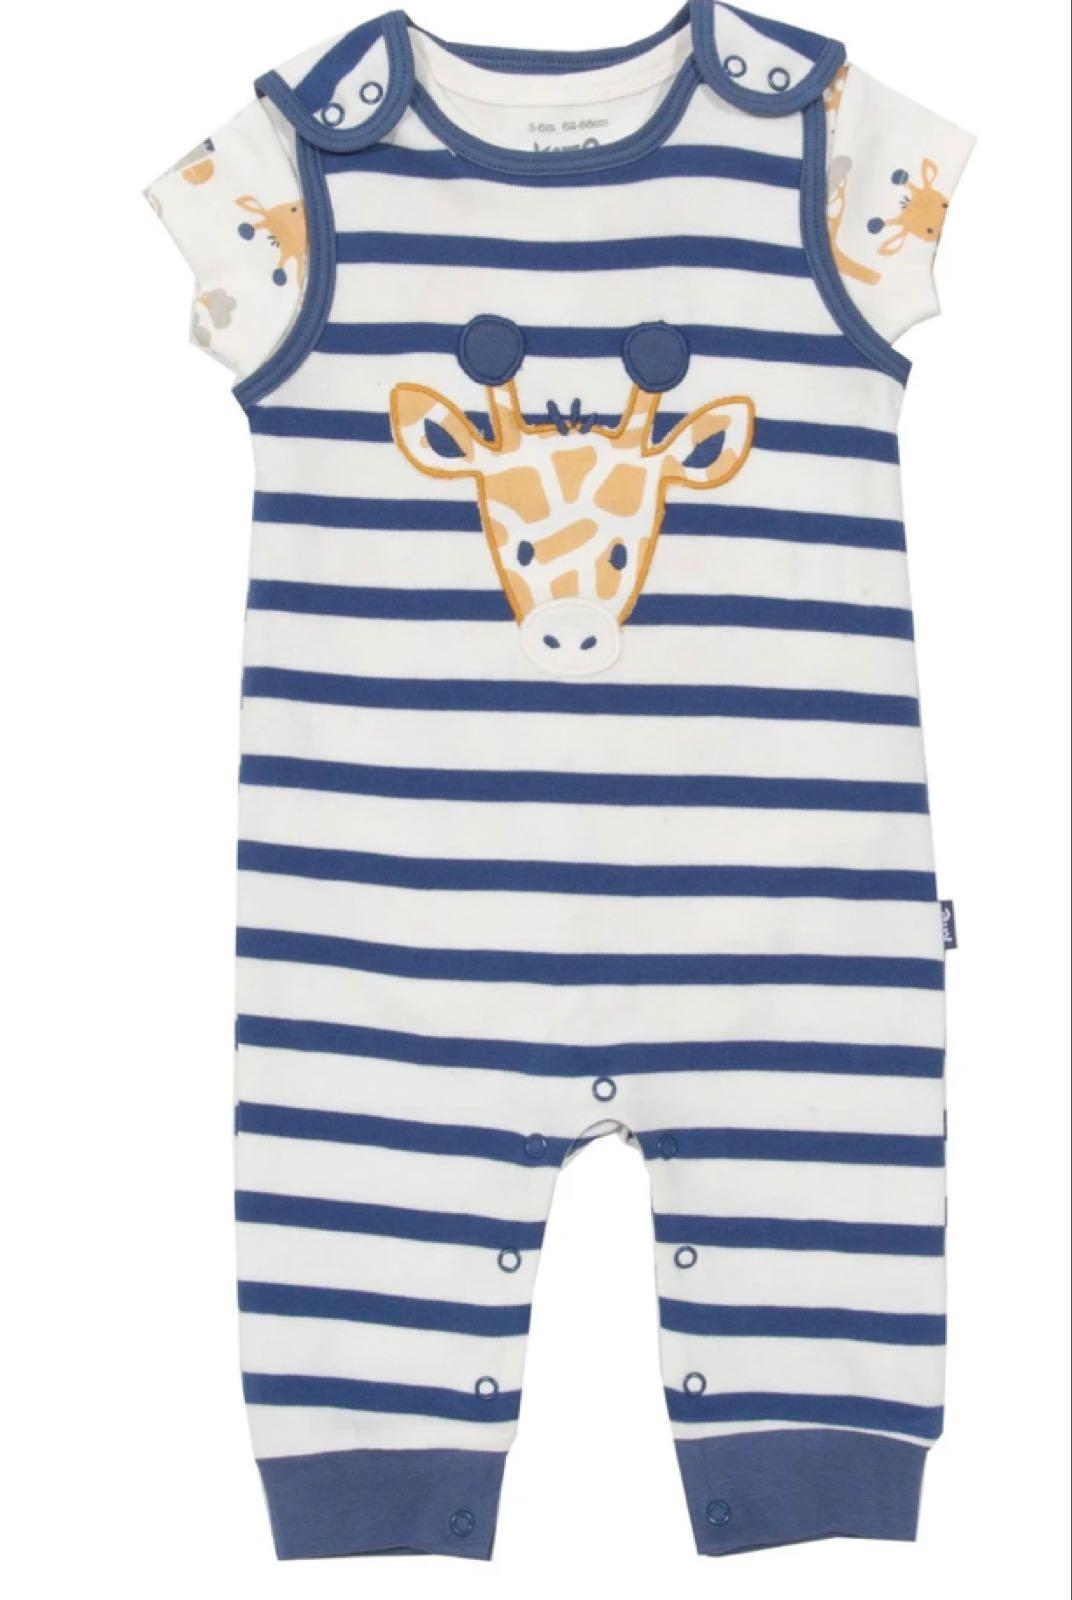 Giraffe set